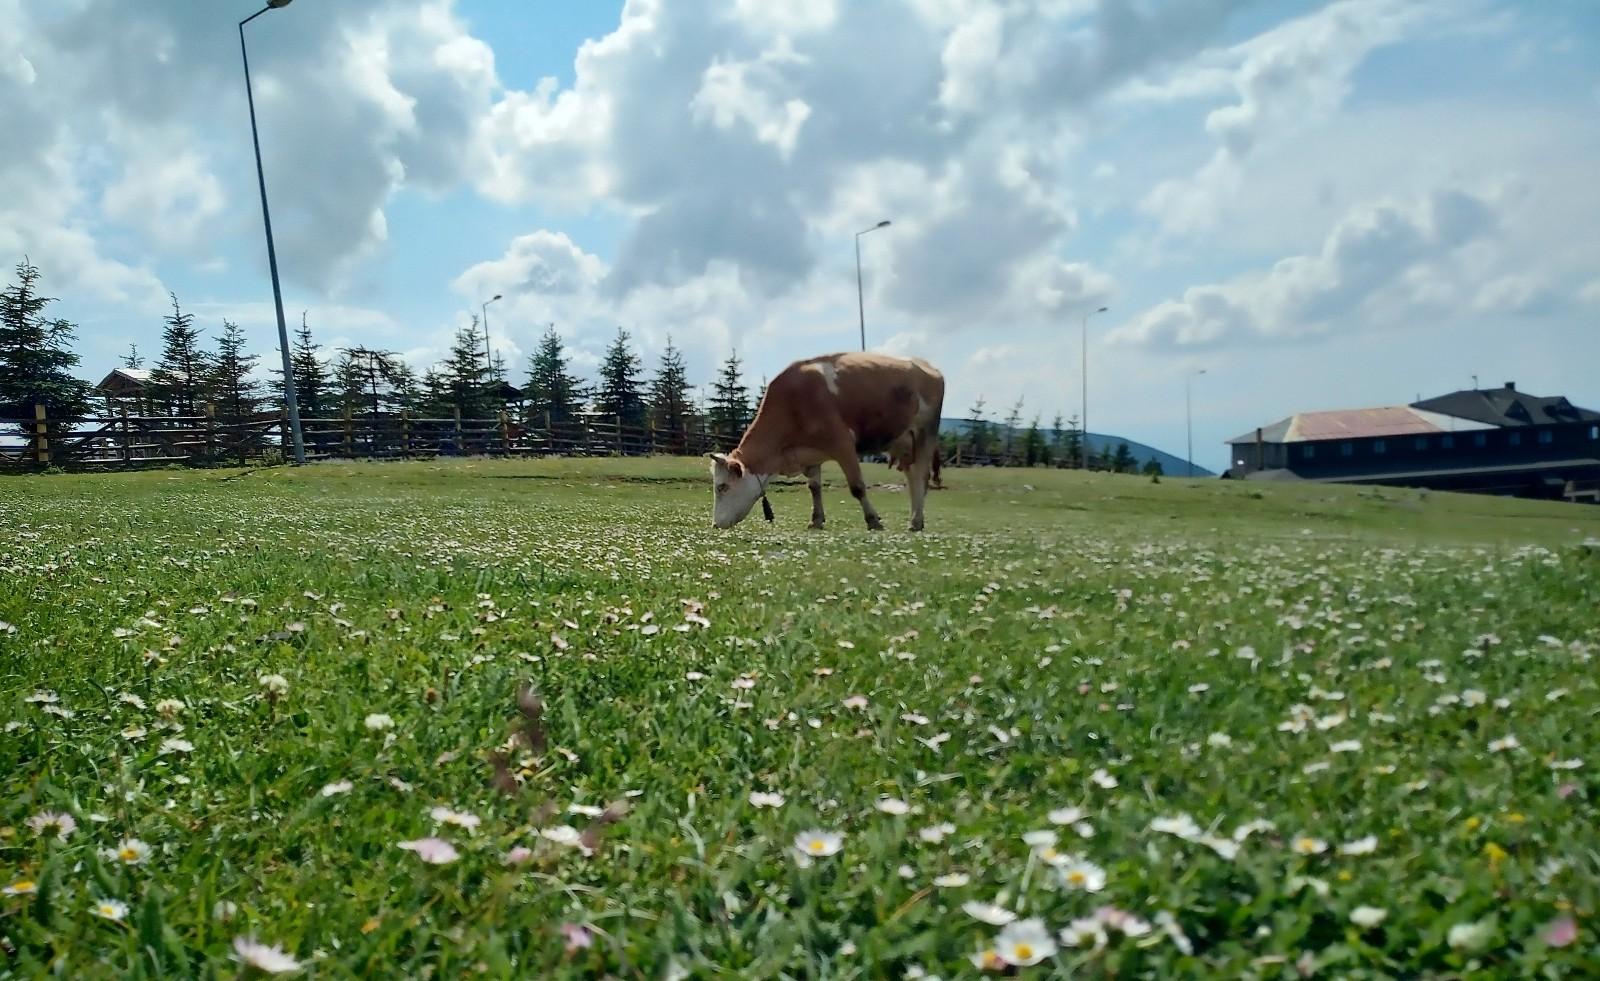 Samsun'da süt sığırcılığı geliştirilecek